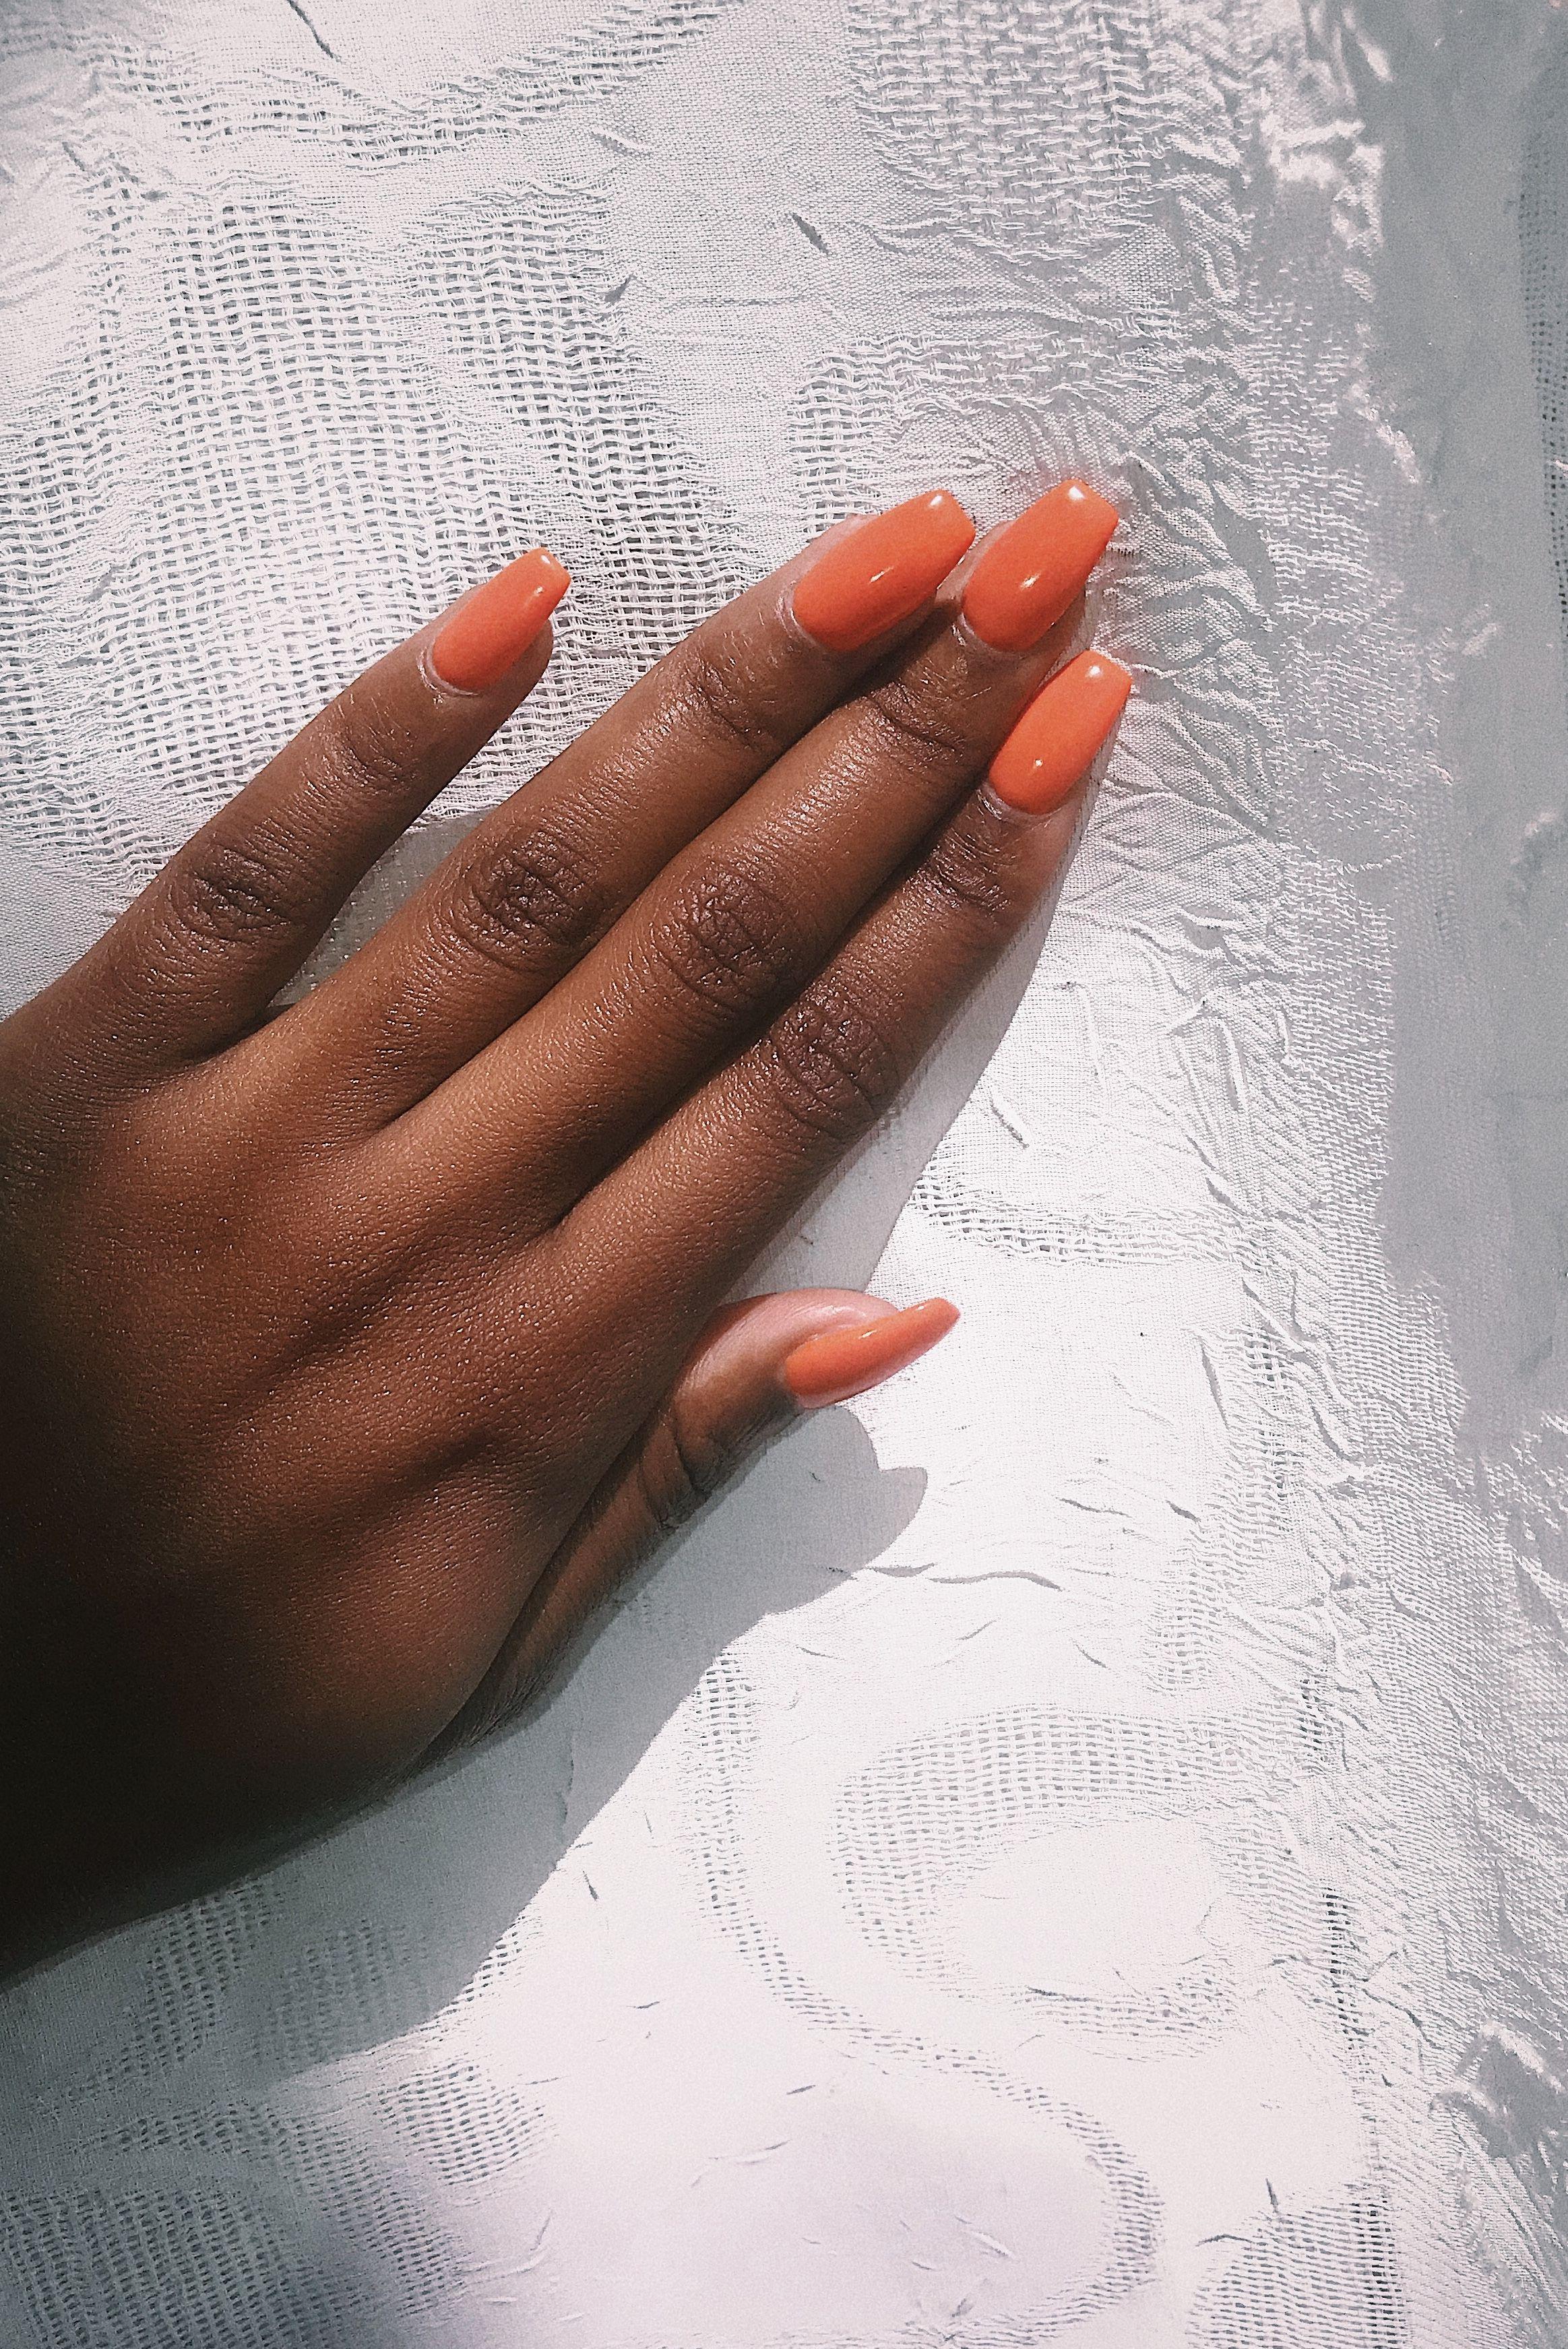 Orange Nail Polish On Darkskin Darkskin Orangenailpolish Gelnails Orange Nails Orange Nail Polish Dark Skin Nail Polish